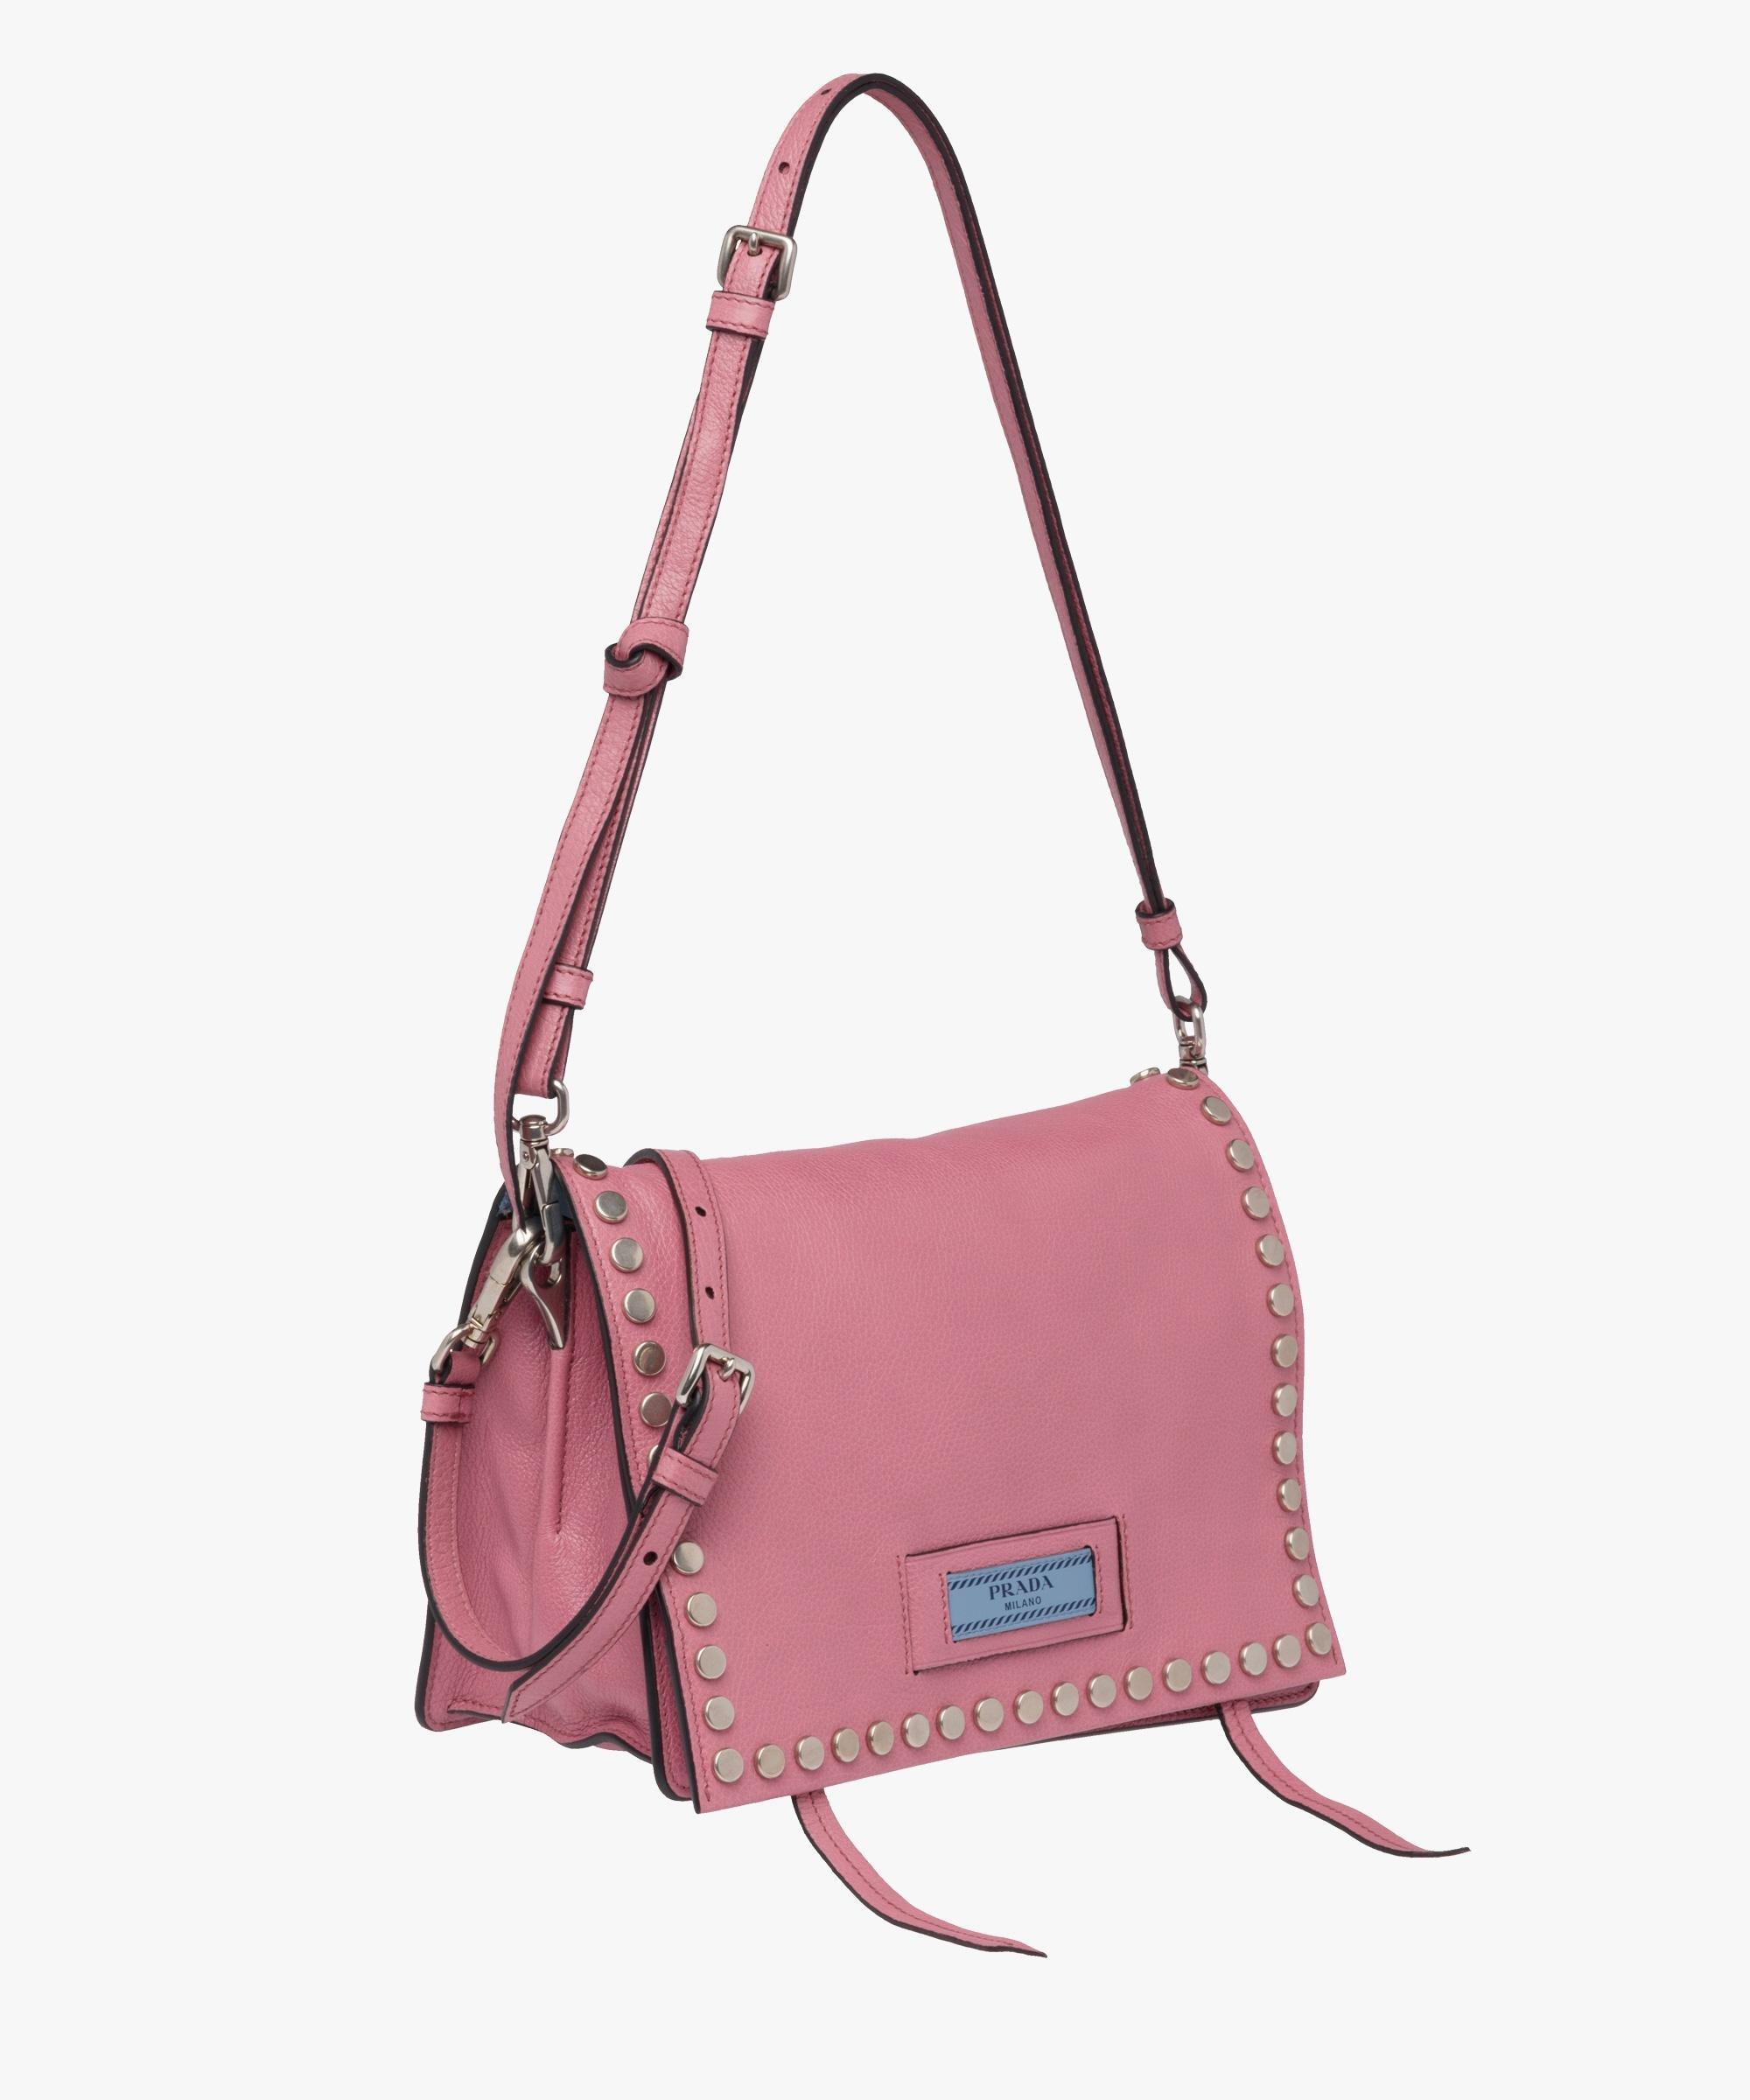 0ee09b738f2 Lyst - Prada Etiquette Bag in Pink